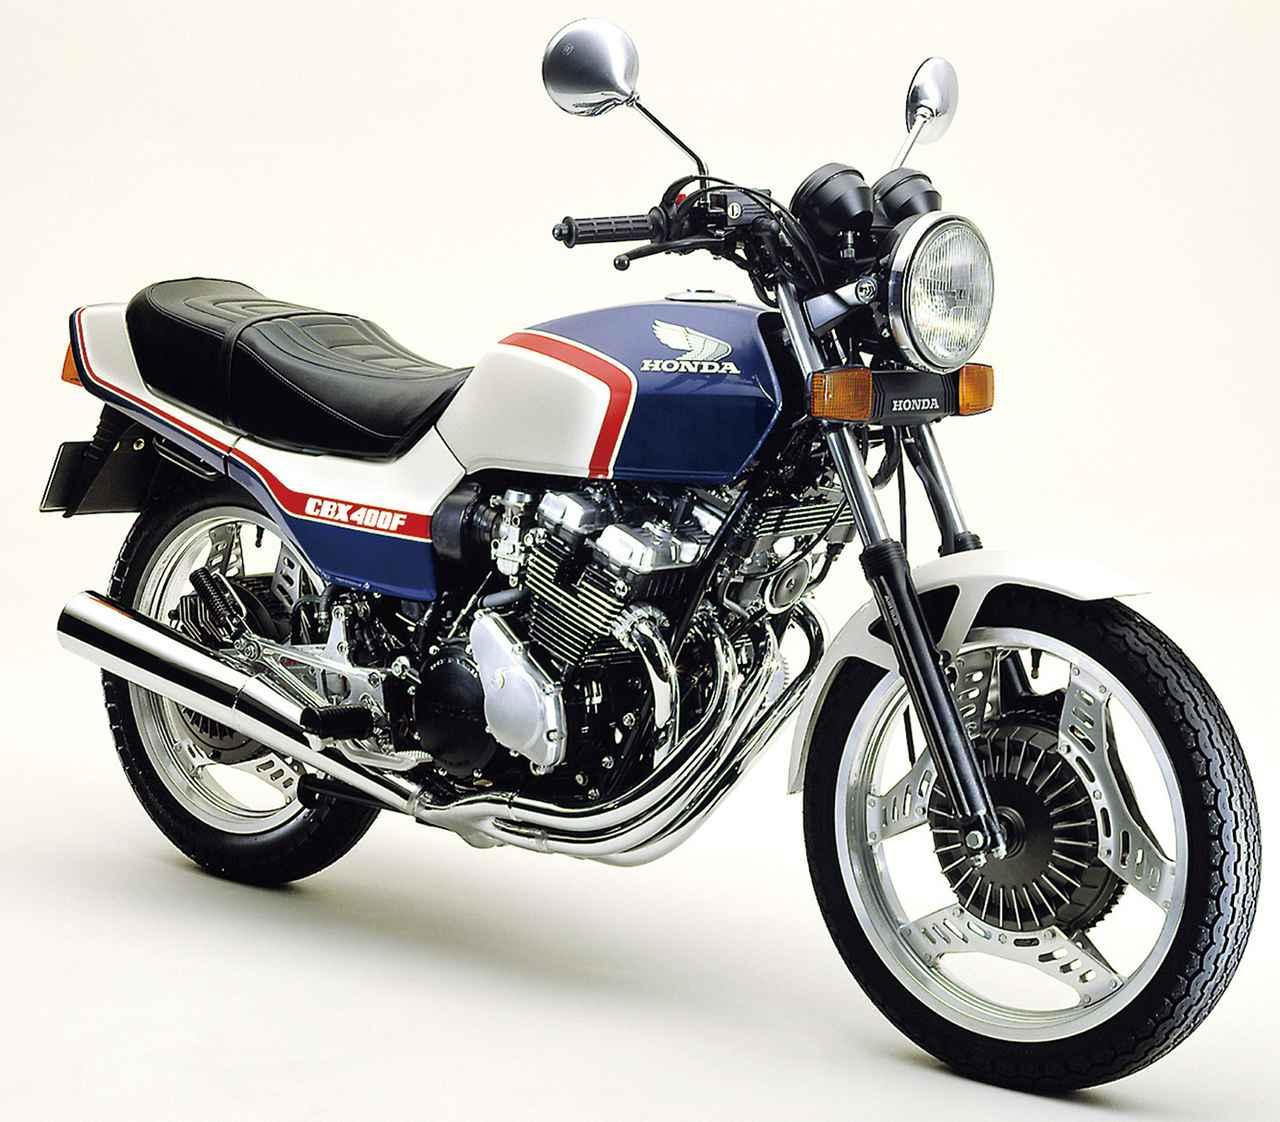 Images : 1981 CBX400F